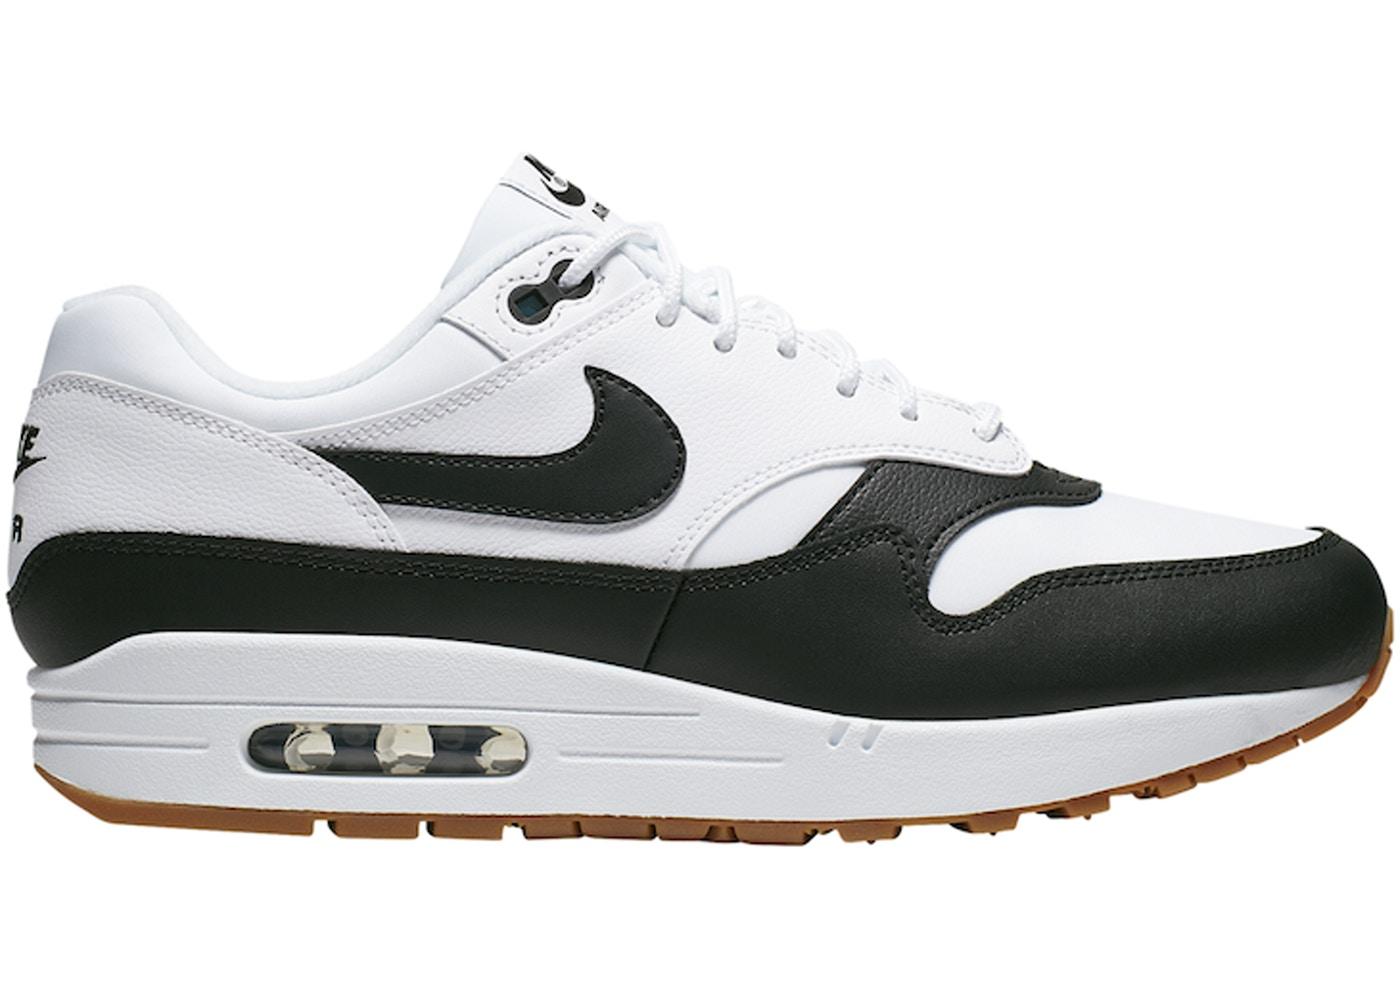 galleria Ale Evaporare  Nike Air Max 1 White Black Gum - CQ9965-100